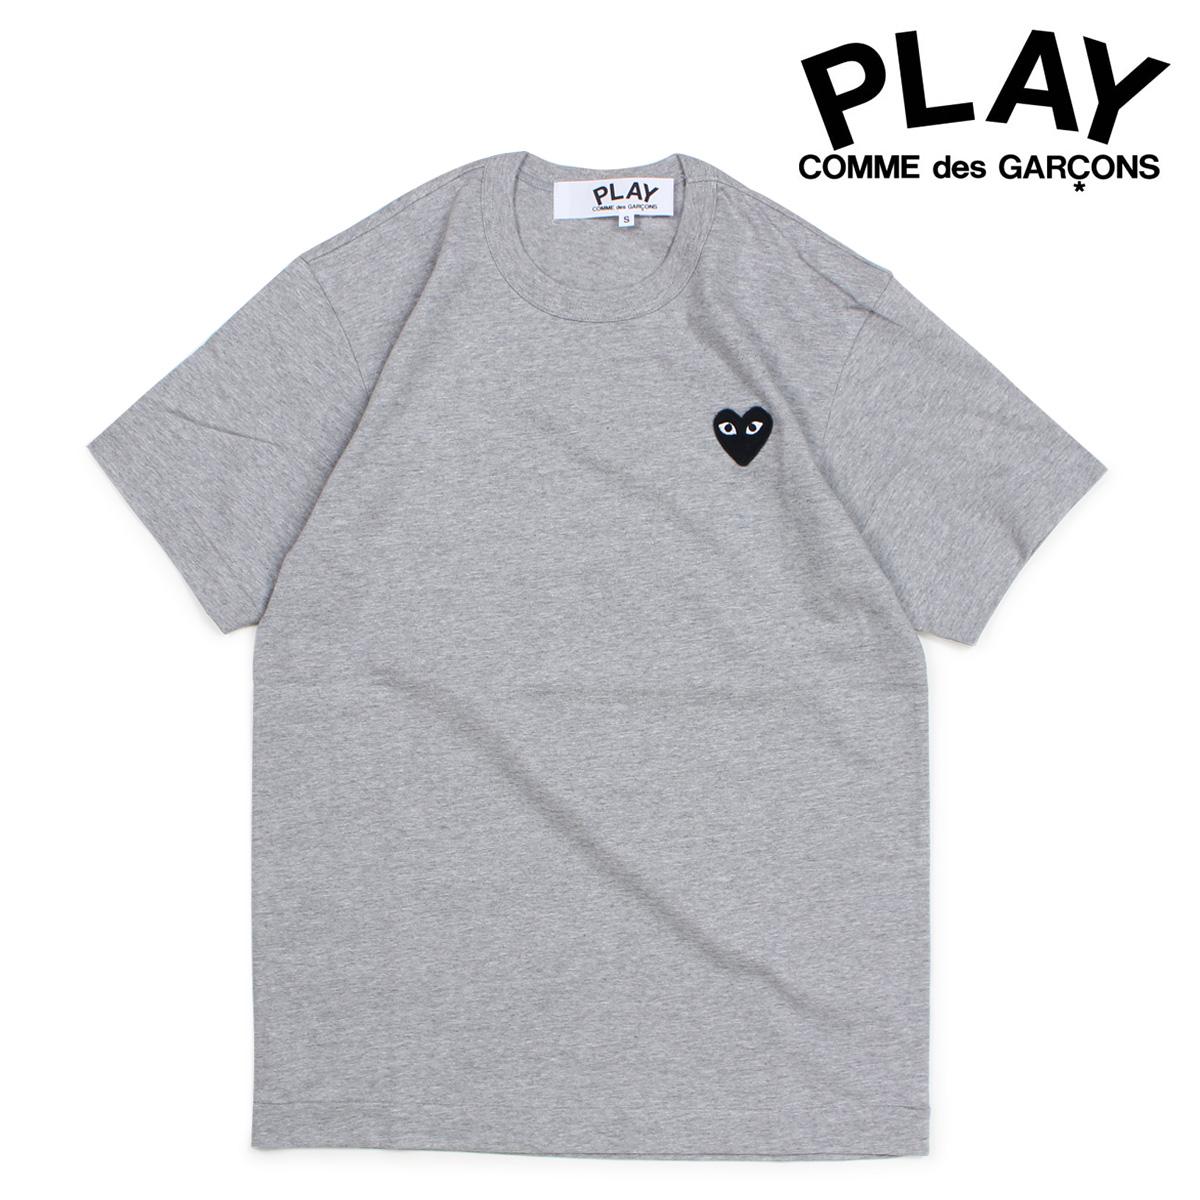 コムデギャルソン PLAY Tシャツ 半袖 COMME des GARCONS メンズ BLACK HEART T-SHIRT グレー AZT076 [10/3 新入荷]